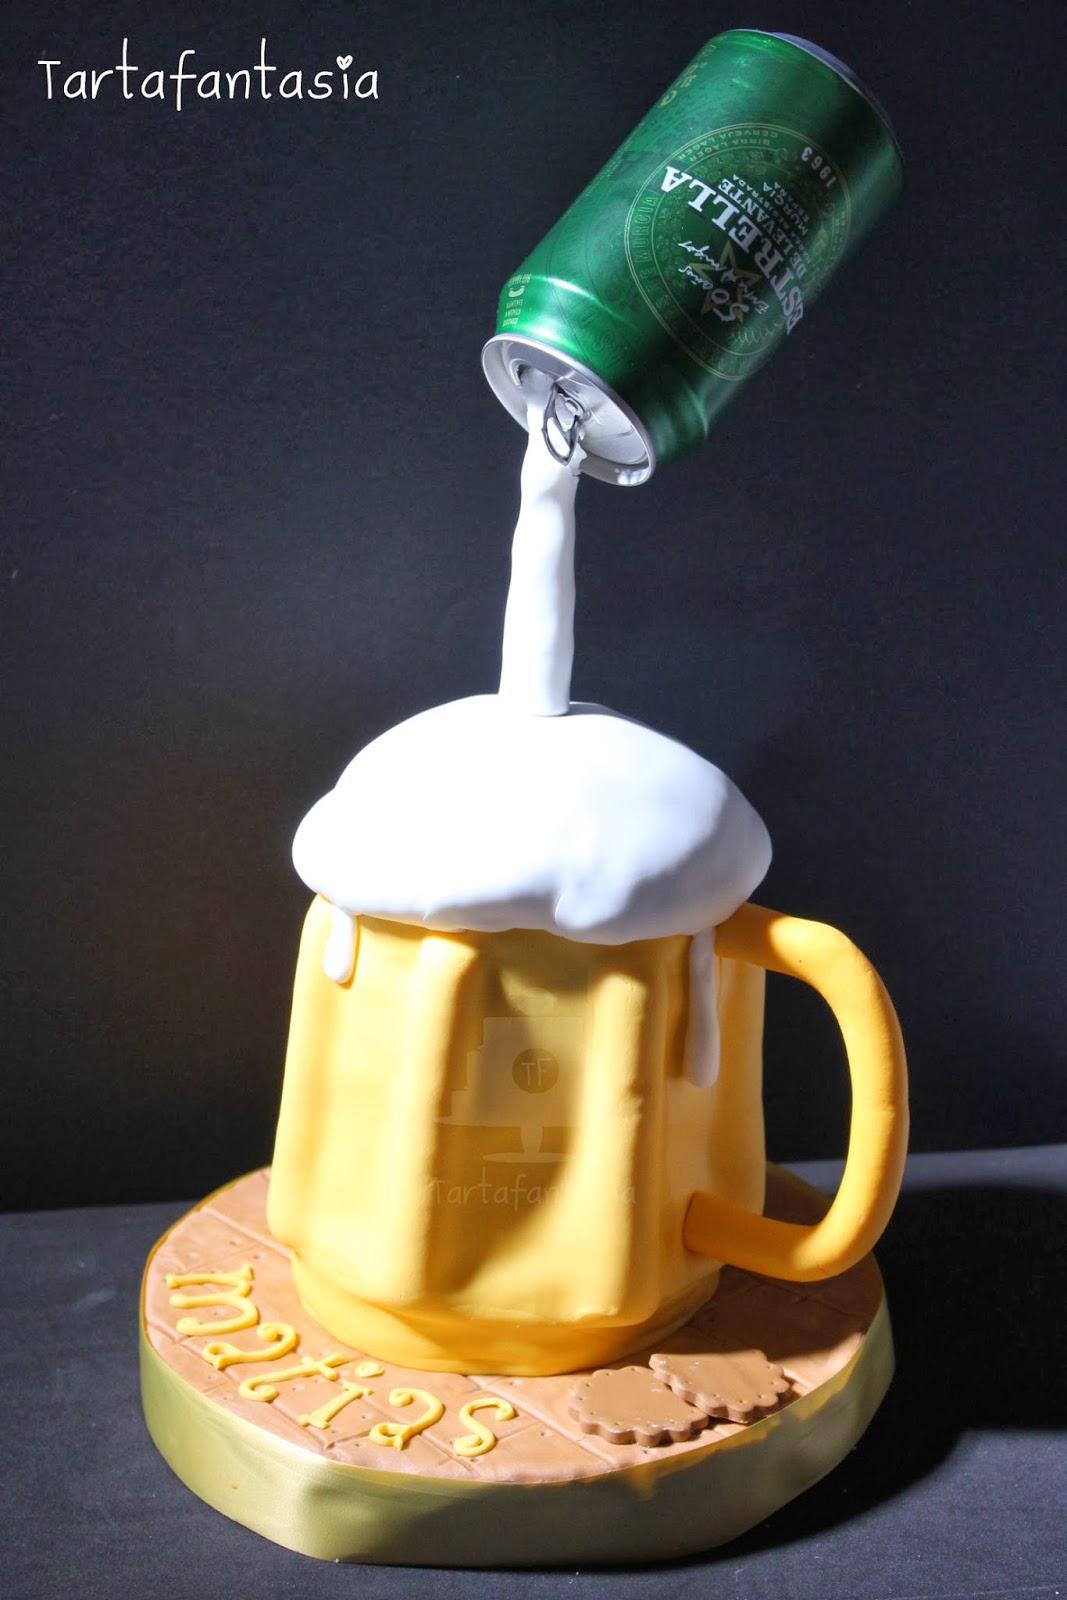 Tarta jarra de cerveza tartafantas a for Jarras para cerveza